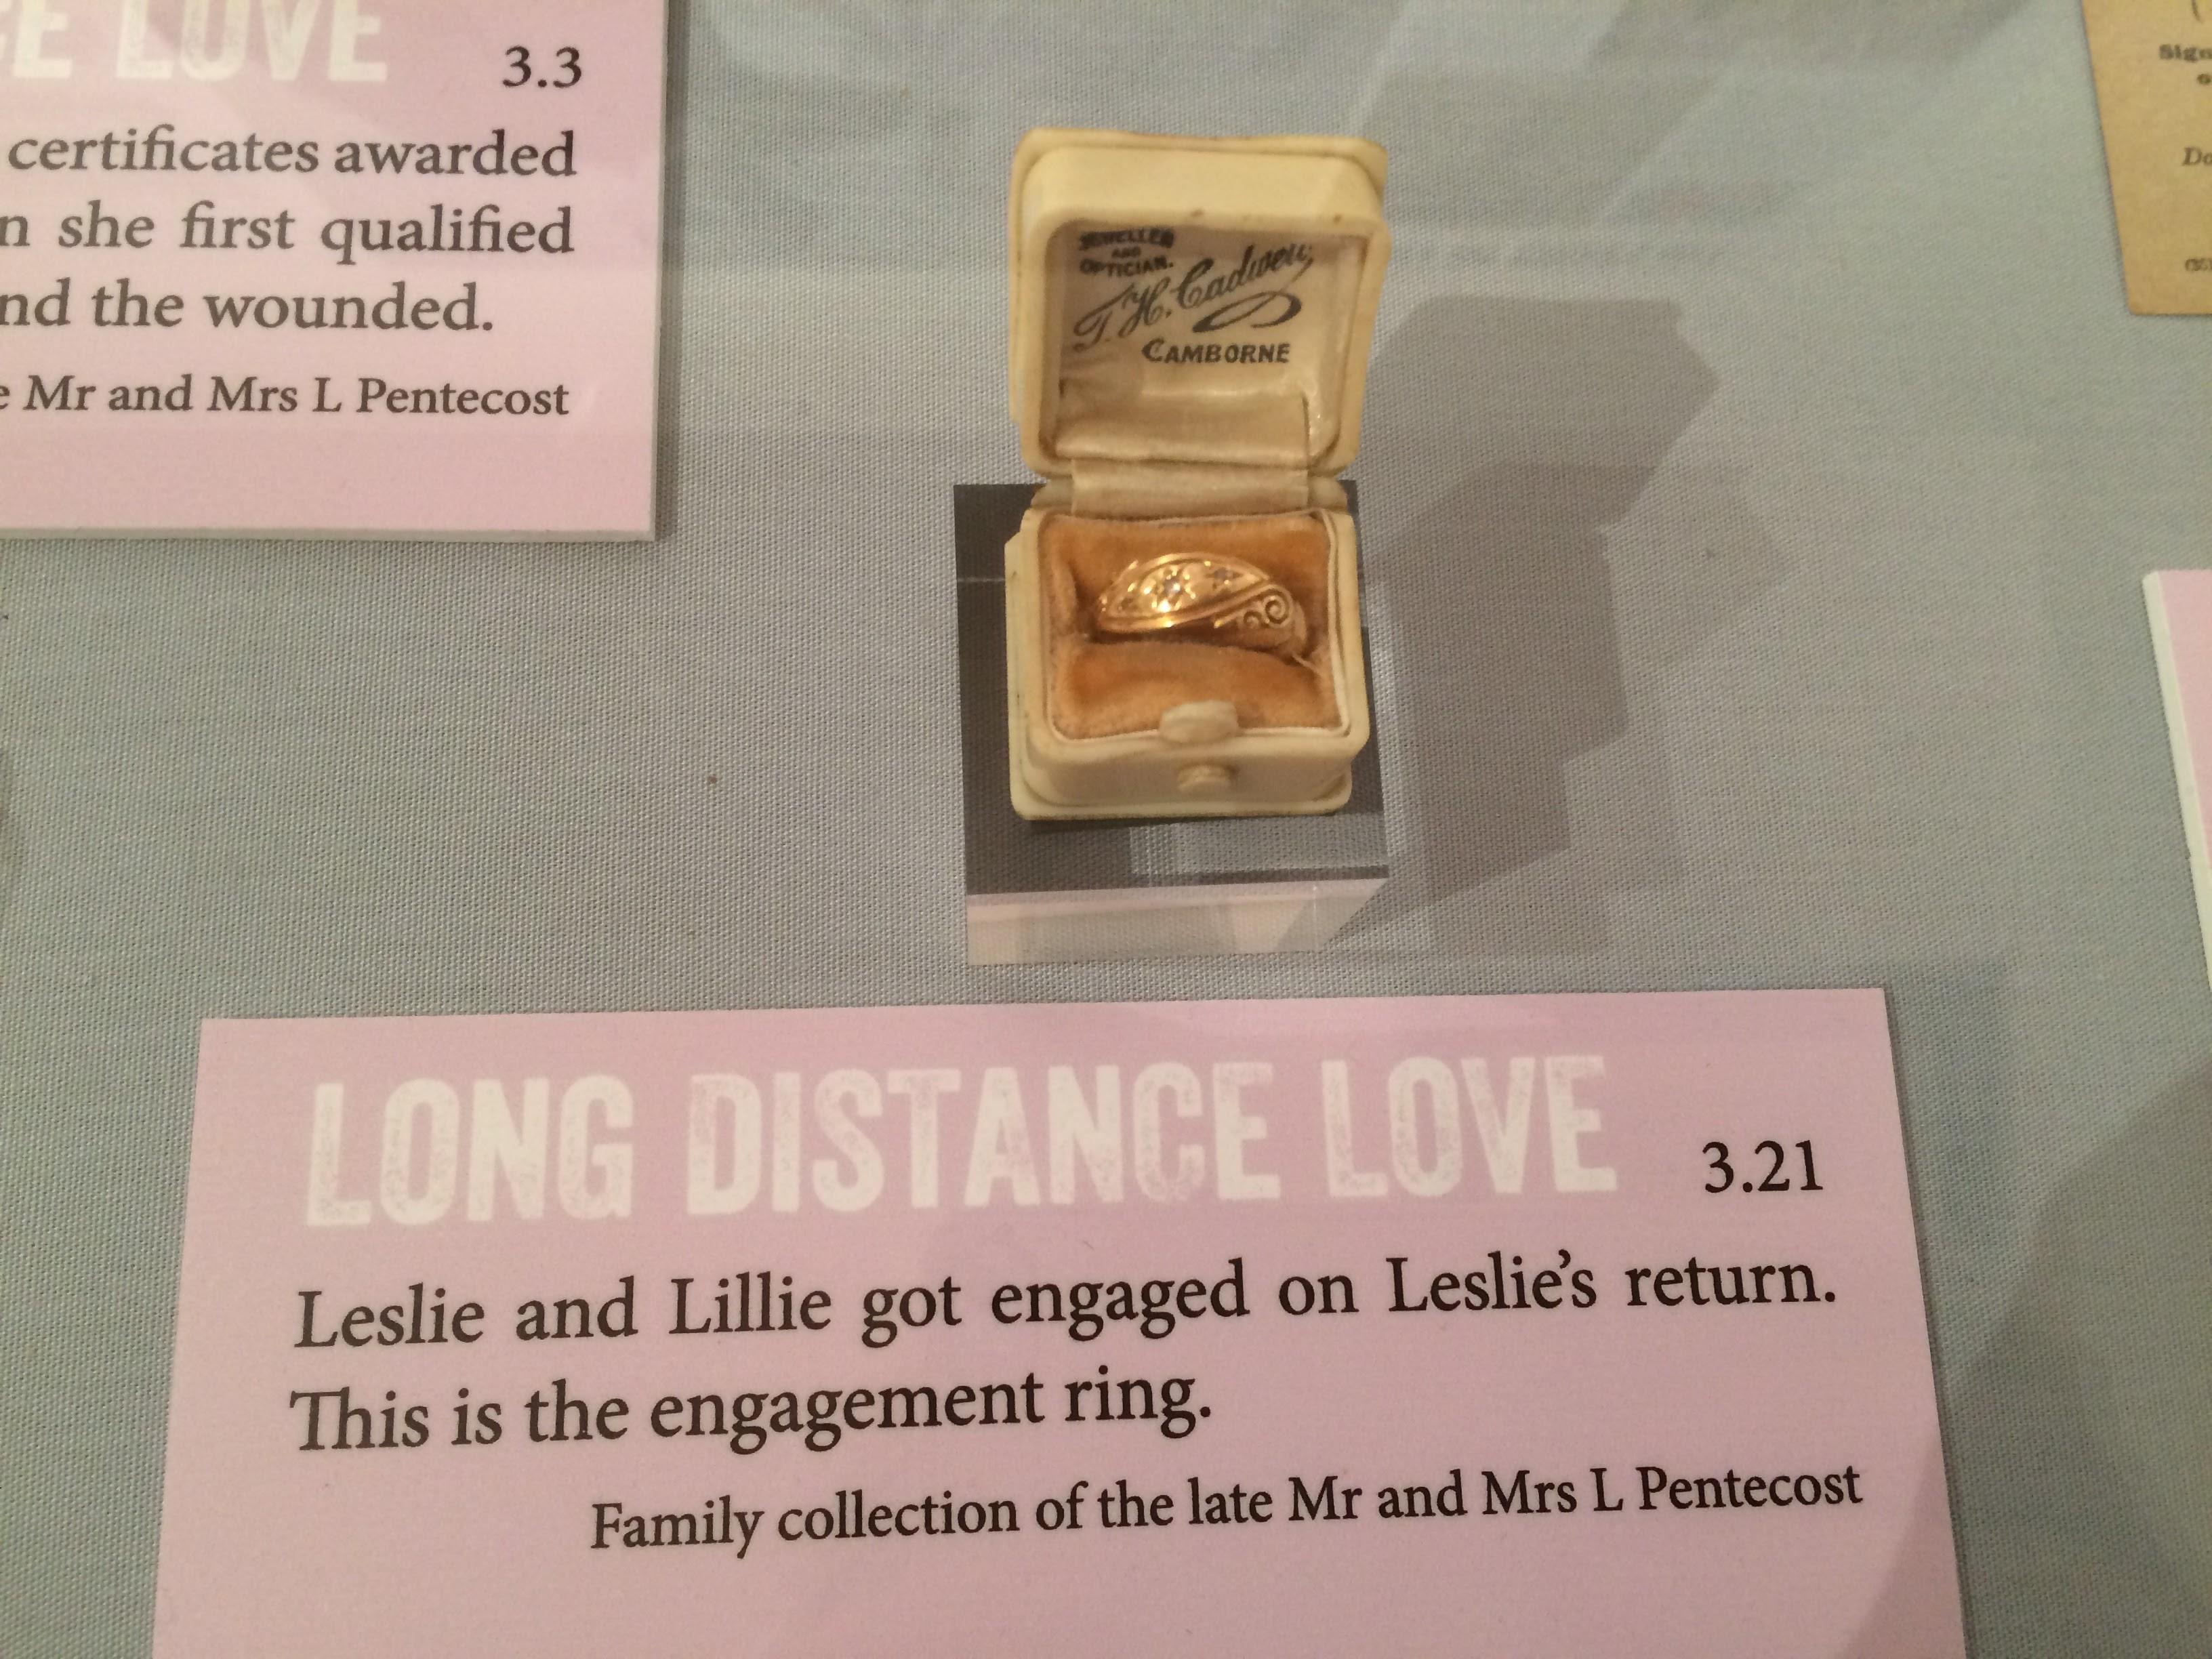 Lillie Uren's engagement ring